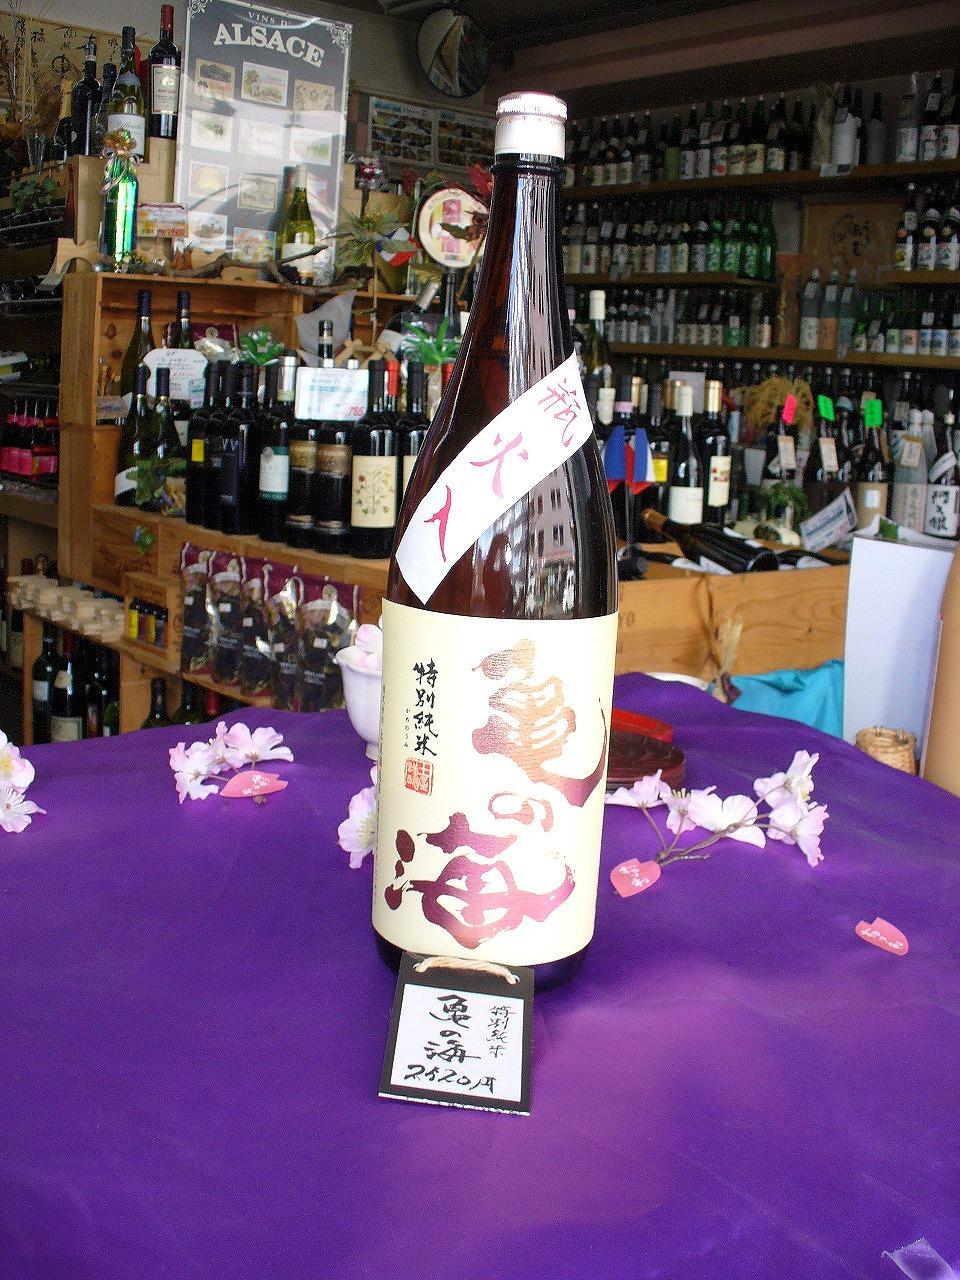 日本酒 「亀の海 特別純米 瓶火入」 吉祥寺の酒屋より_f0205182_21272010.jpg